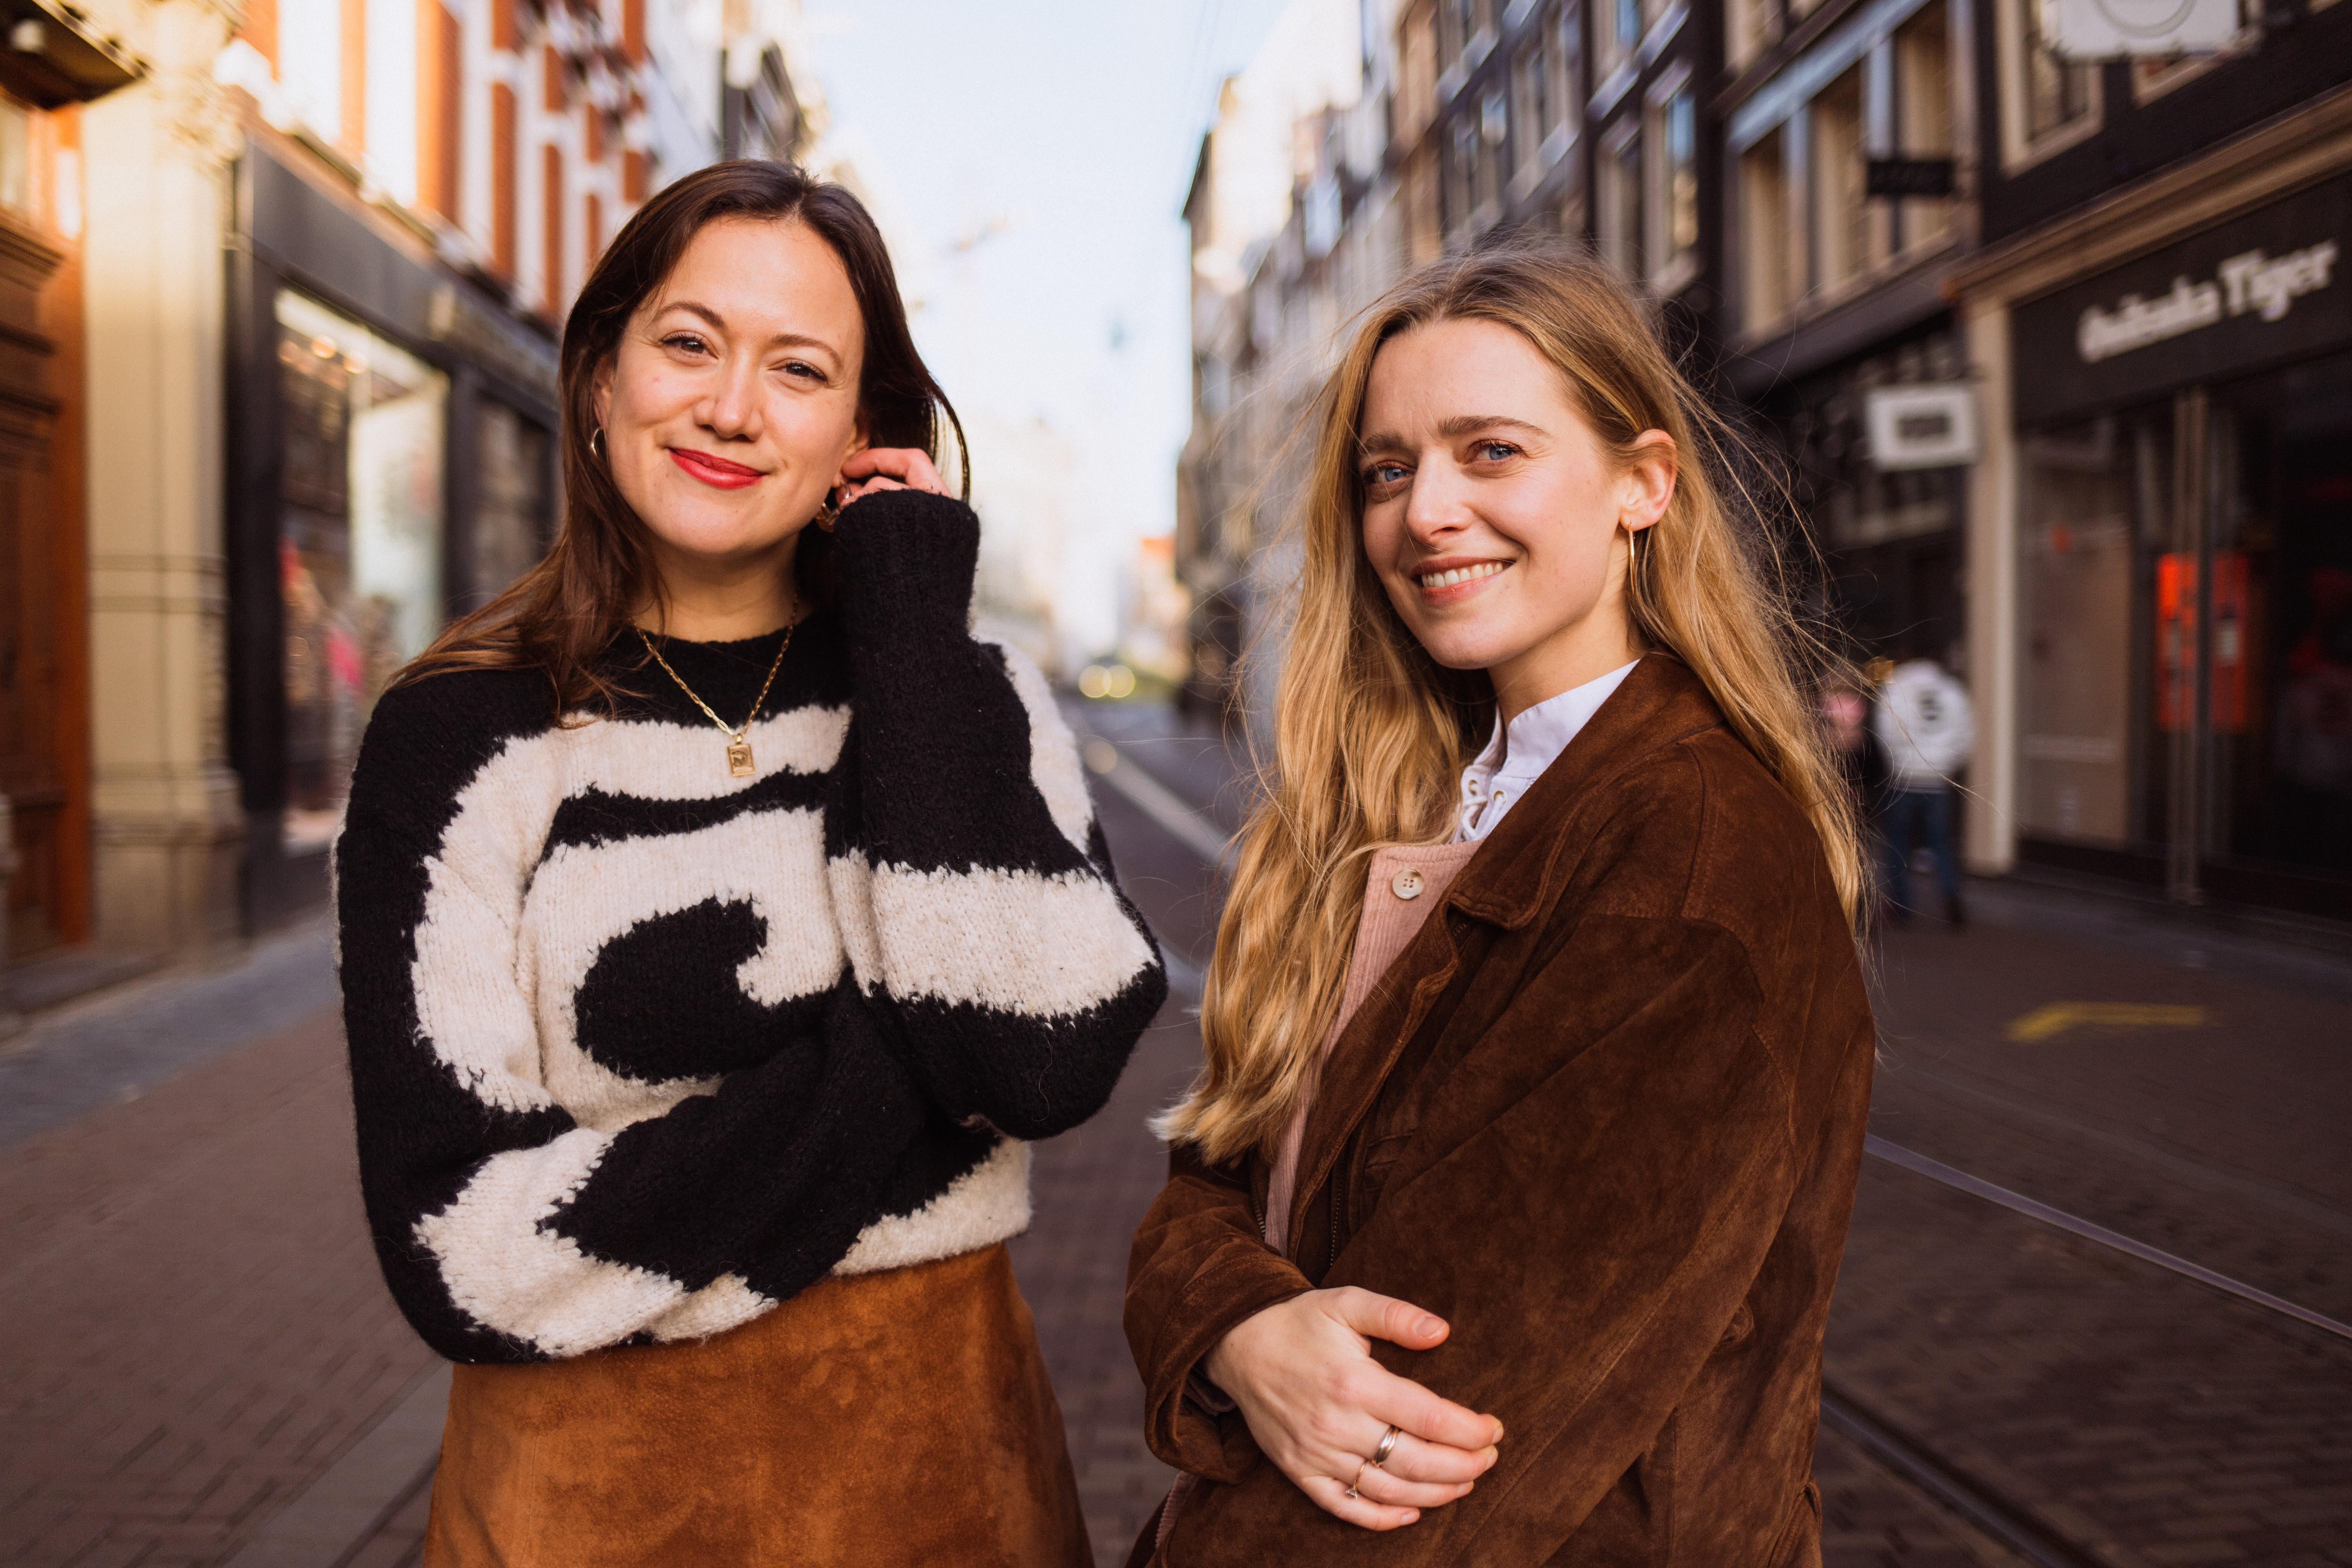 Een detox voor de kooplust: Marieke en Sara gaan de uitdaging aan om een half jaar helemaal geen kleding te kopen